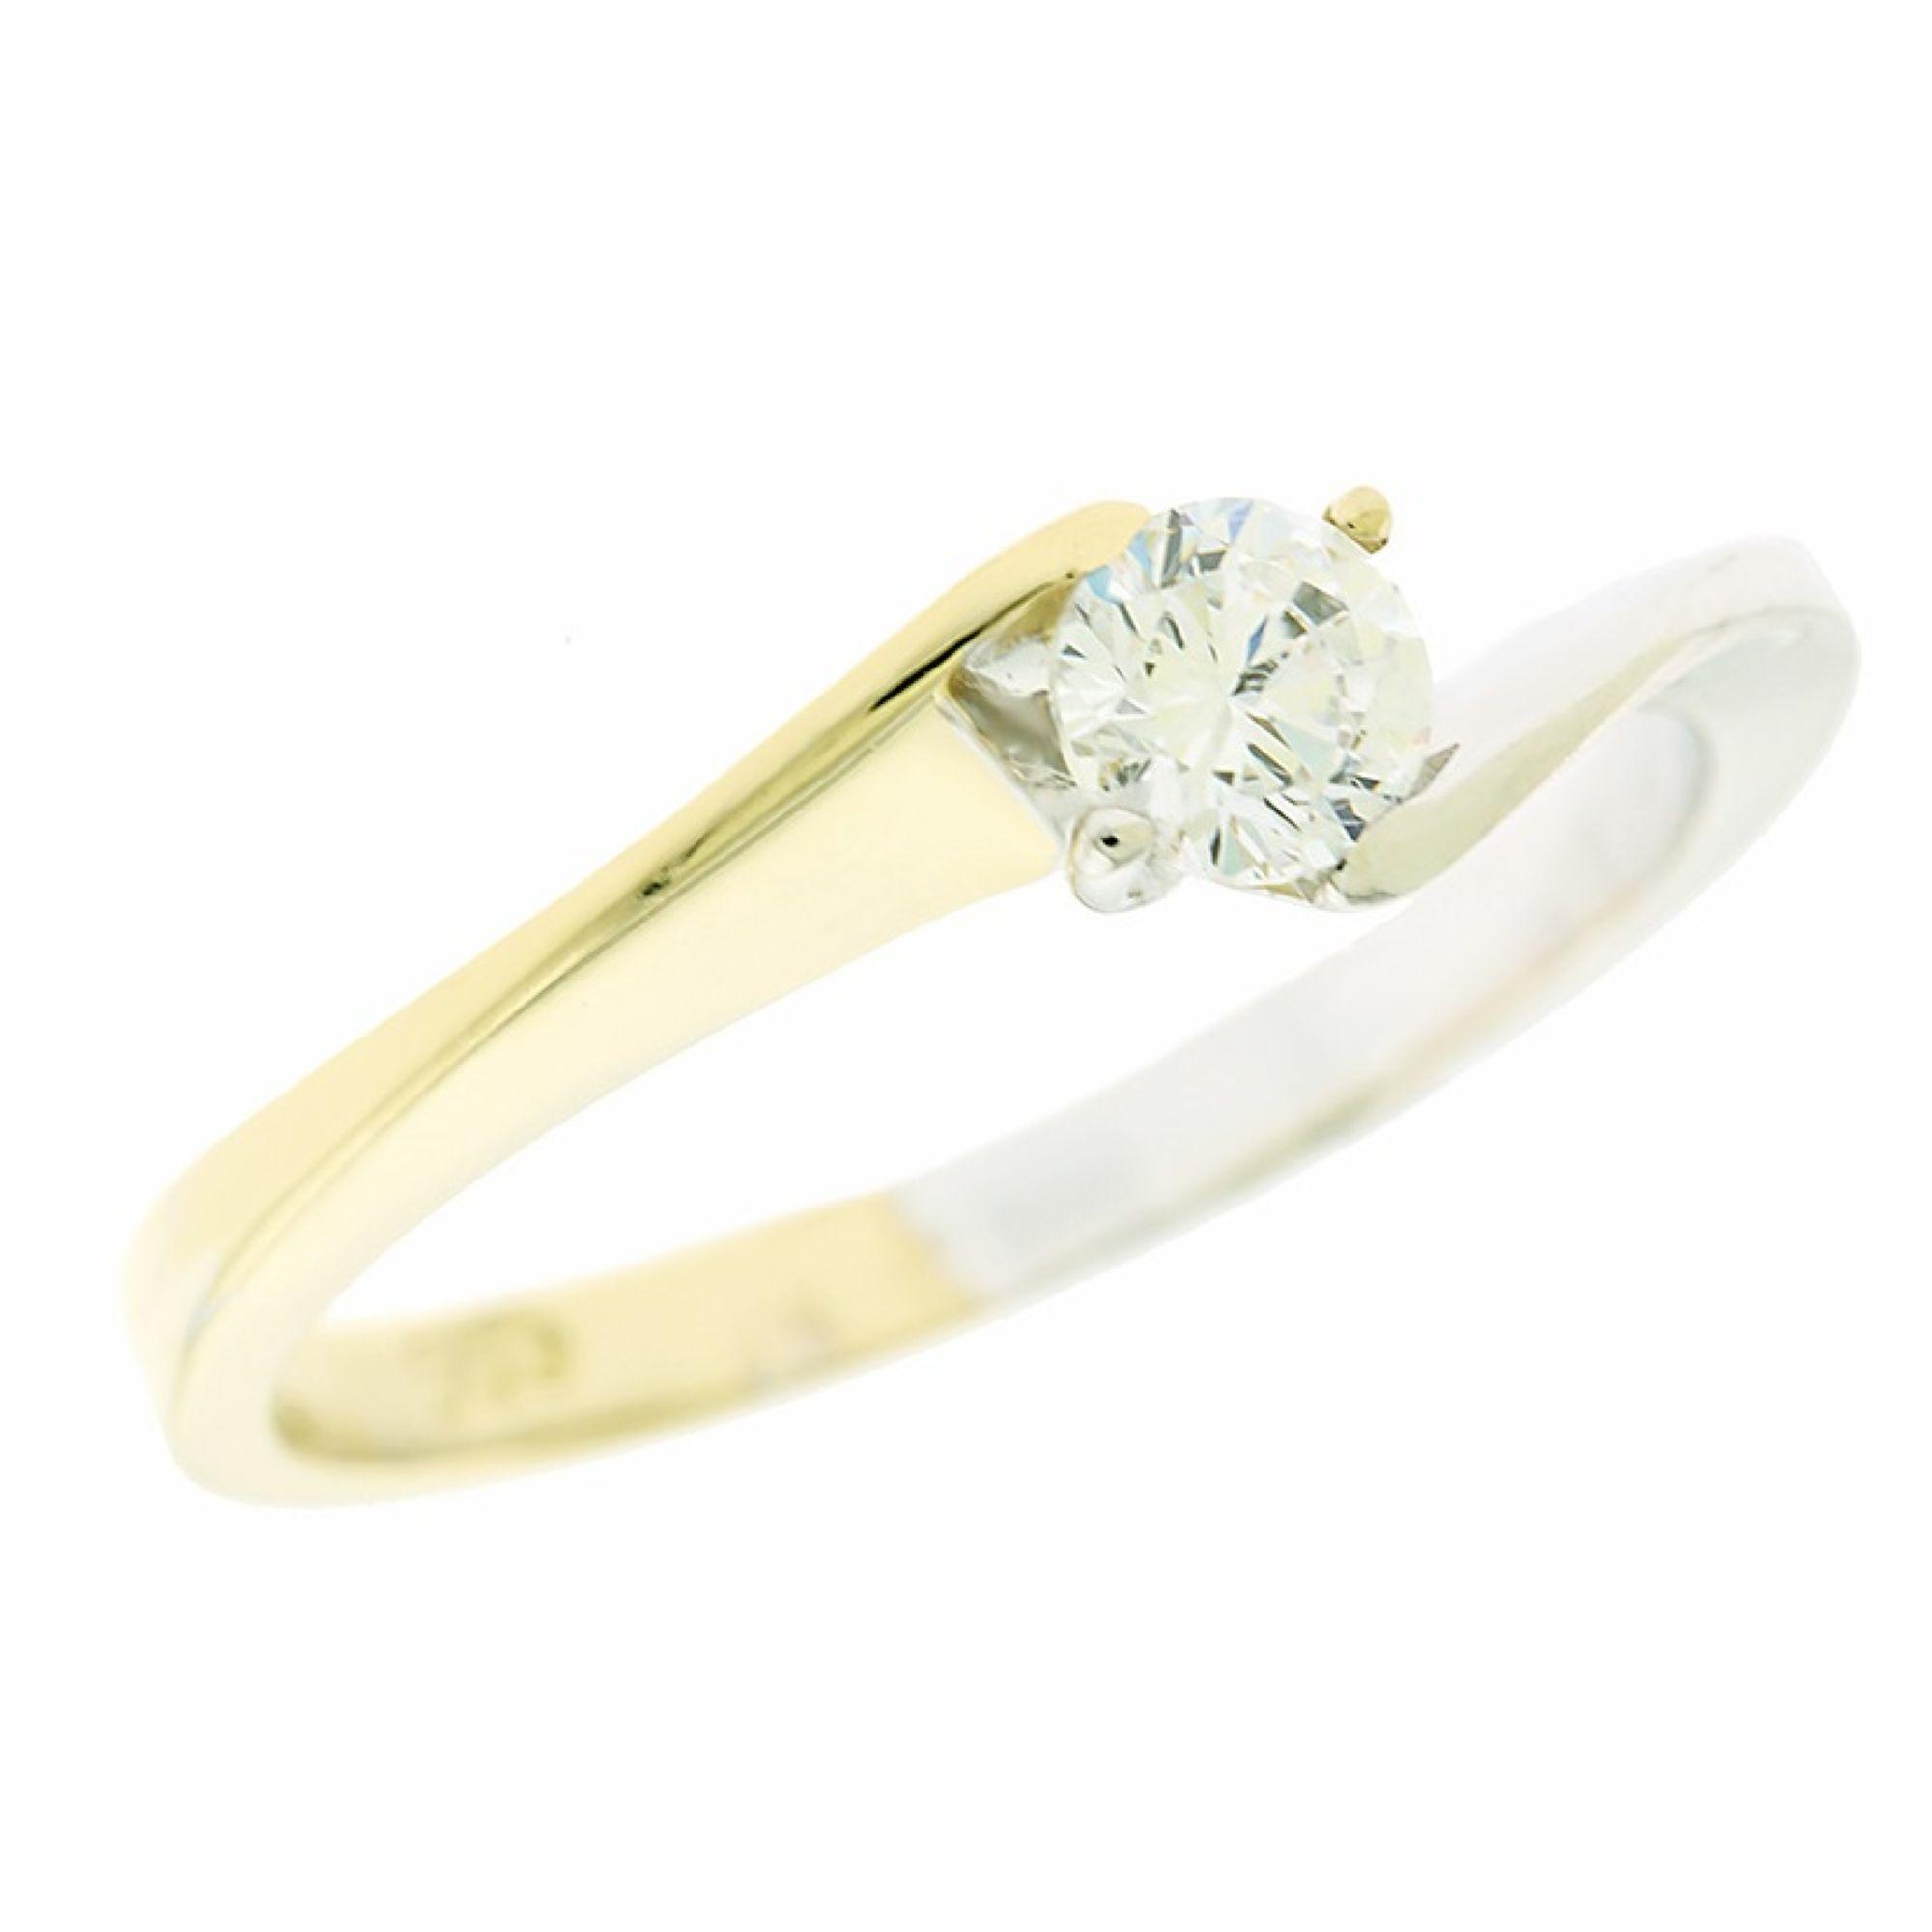 Χρυσό δαχτυλίδι 14 καρατίων από κίτρινο και λευκό χρυσό με λευκή πέτρα.